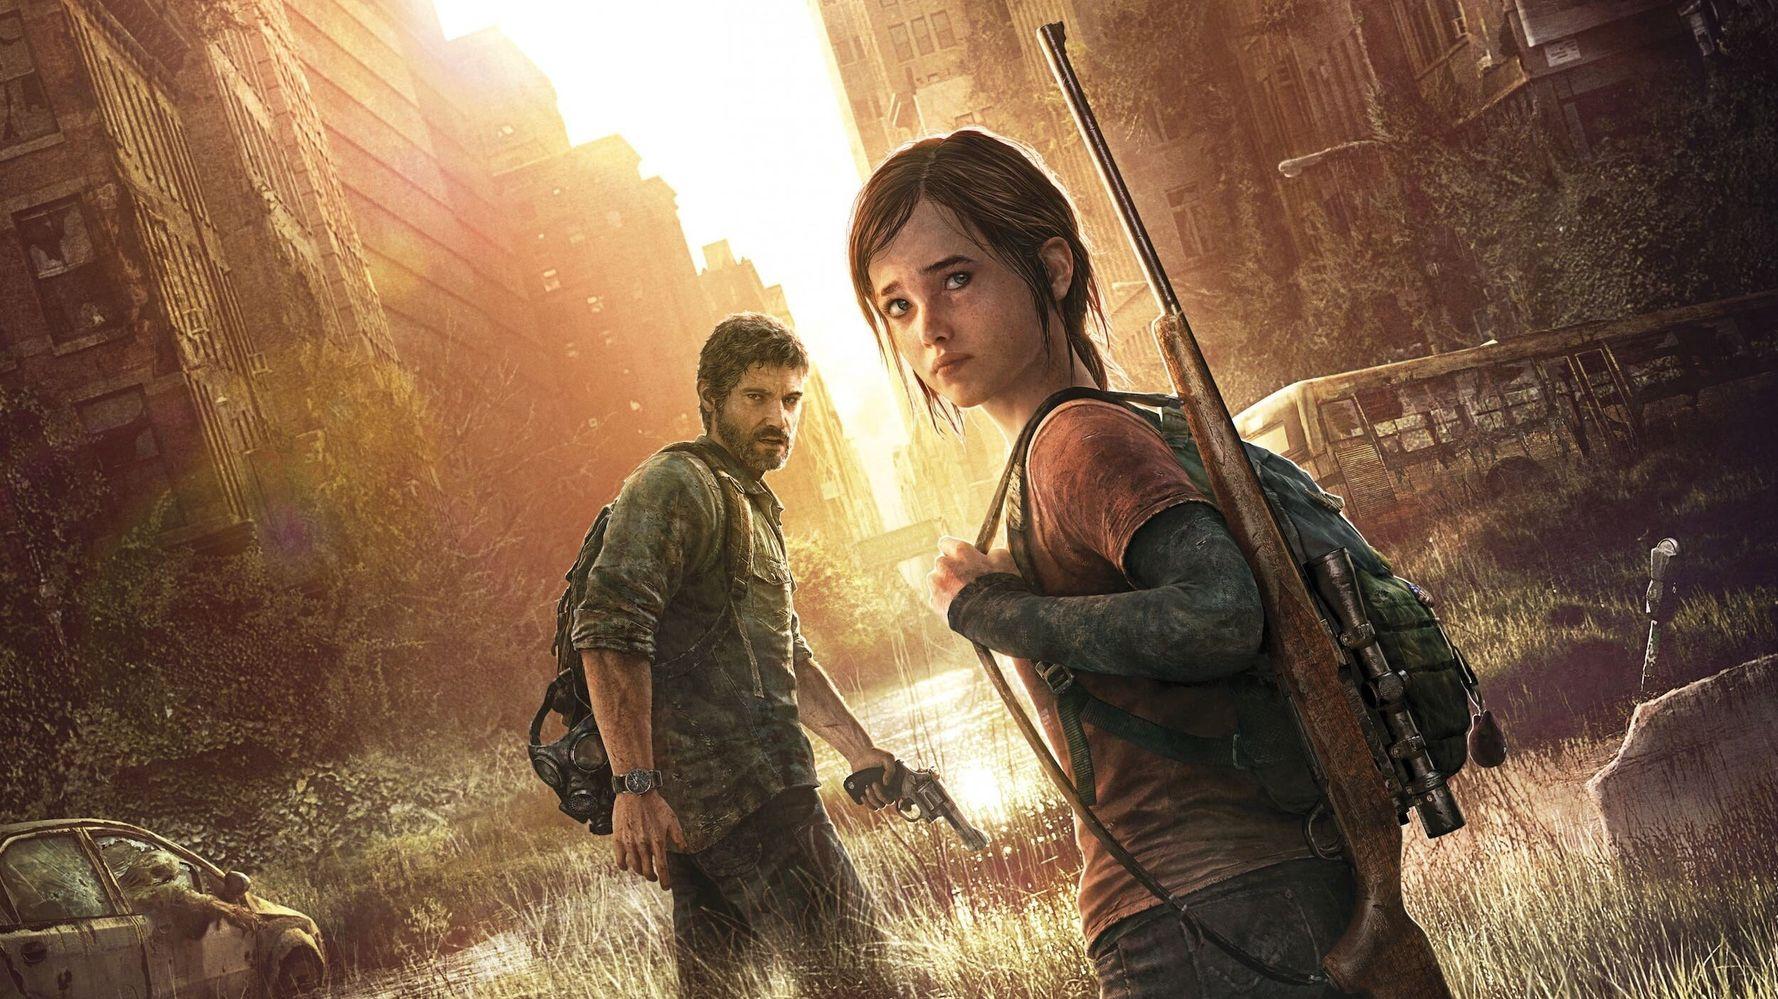 Todo lo que se sabe sobre la serie basada en el videojuego 'The Last of Us'